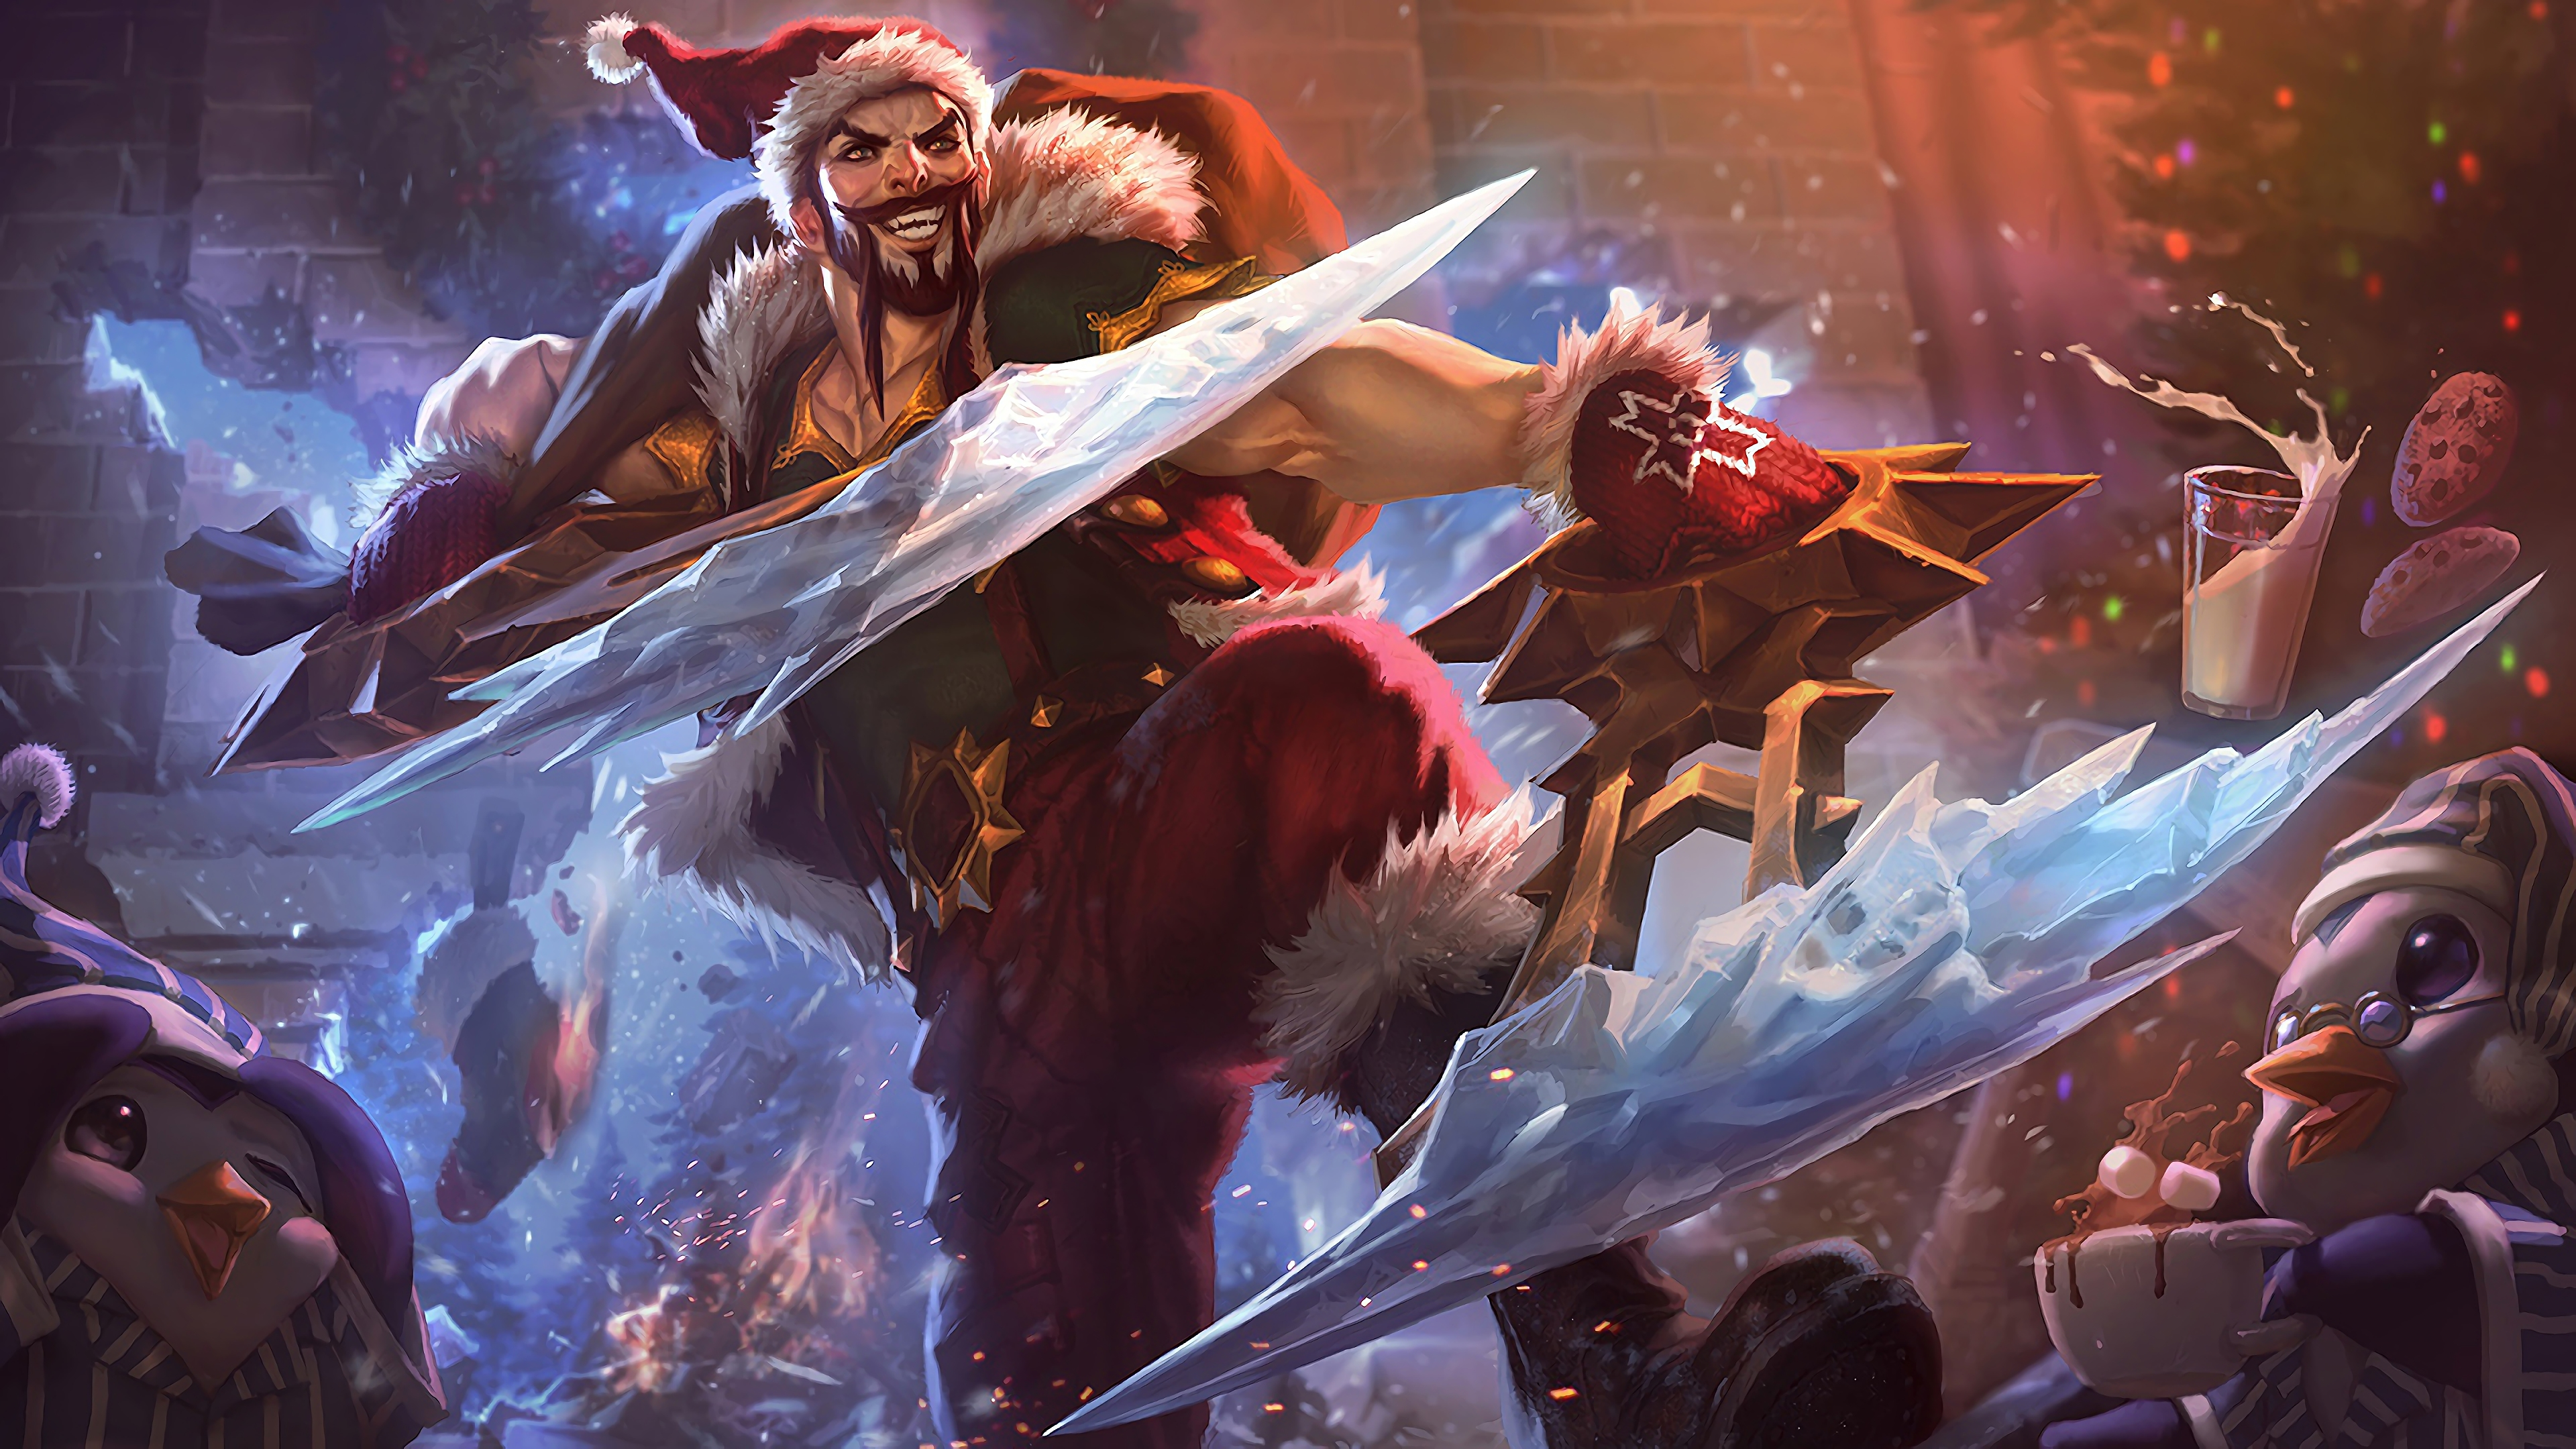 santa draven lol splash art league of legends lol 1574101714 - Santa Draven LoL Splash Art League of Legends lol - Snowdown - League of Legends, league of legends, Draven